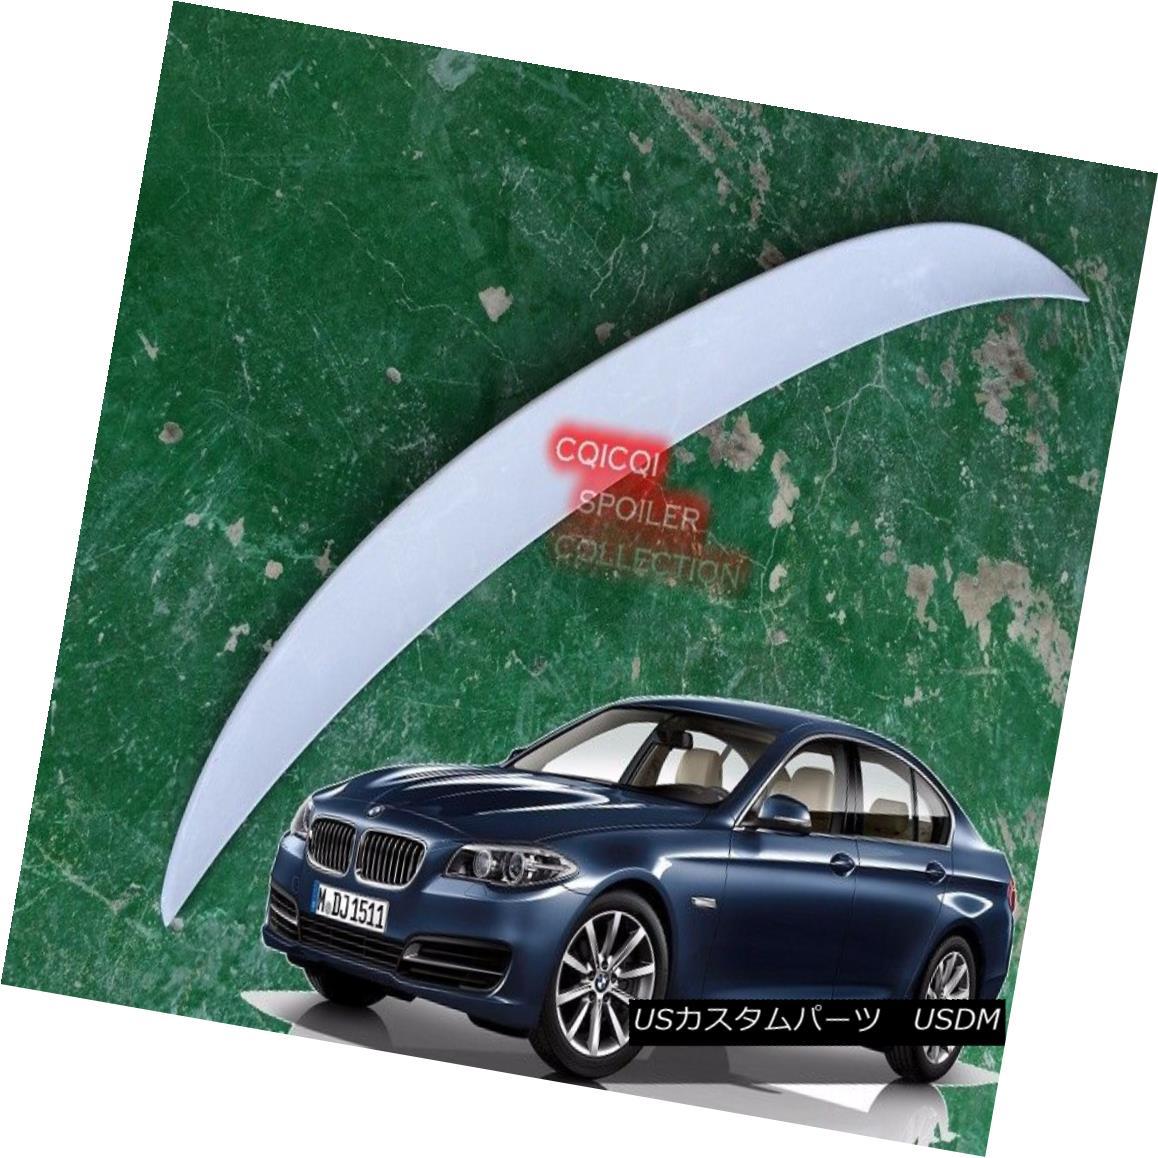 エアロパーツ Unpainted BMW 11~16 F10 5-series Sedan high kick performance type trunk spoiler◎ 未塗装のBMW 11?16 F10 5シリーズセダンハイキック性能型トランク・スポイラー?